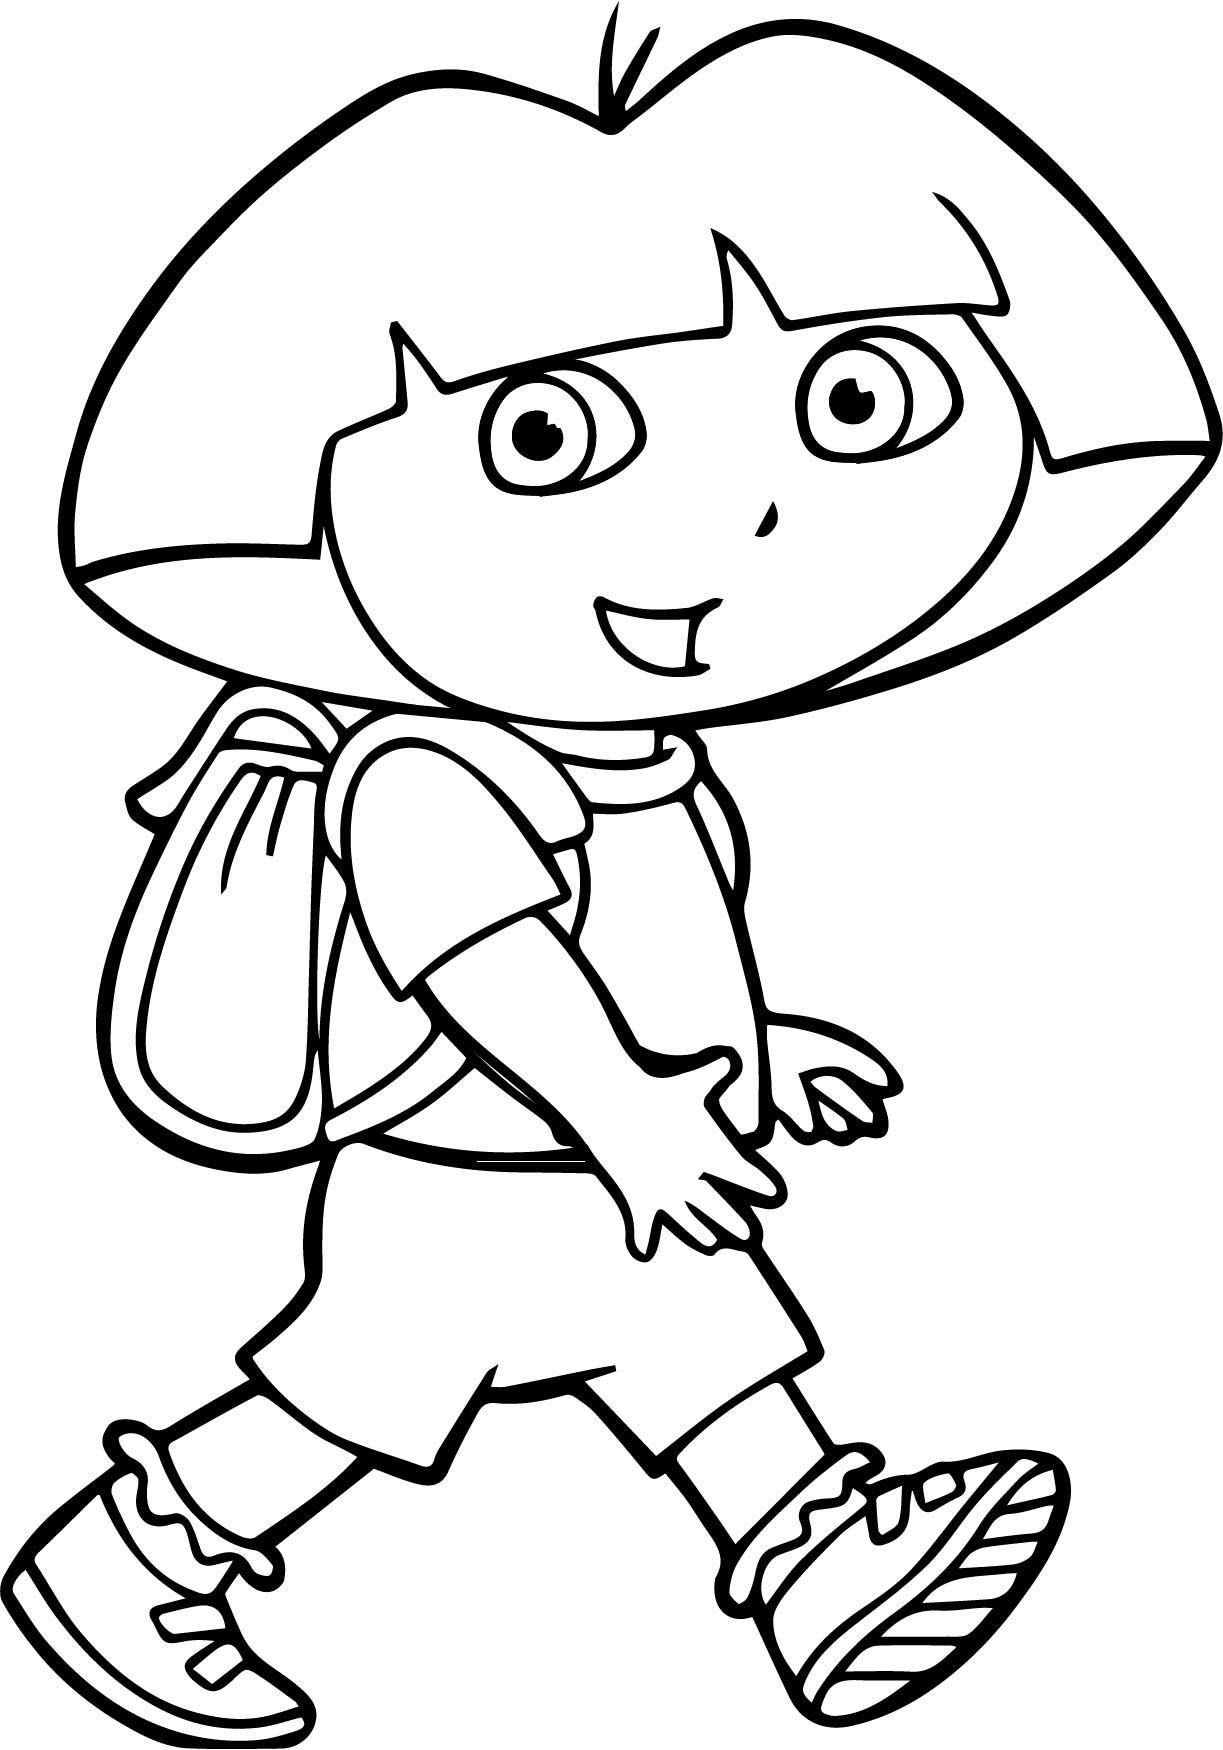 Walking Dora Coloring Page Dora Para Colorir Desenho Dora Paginas Para Colorir